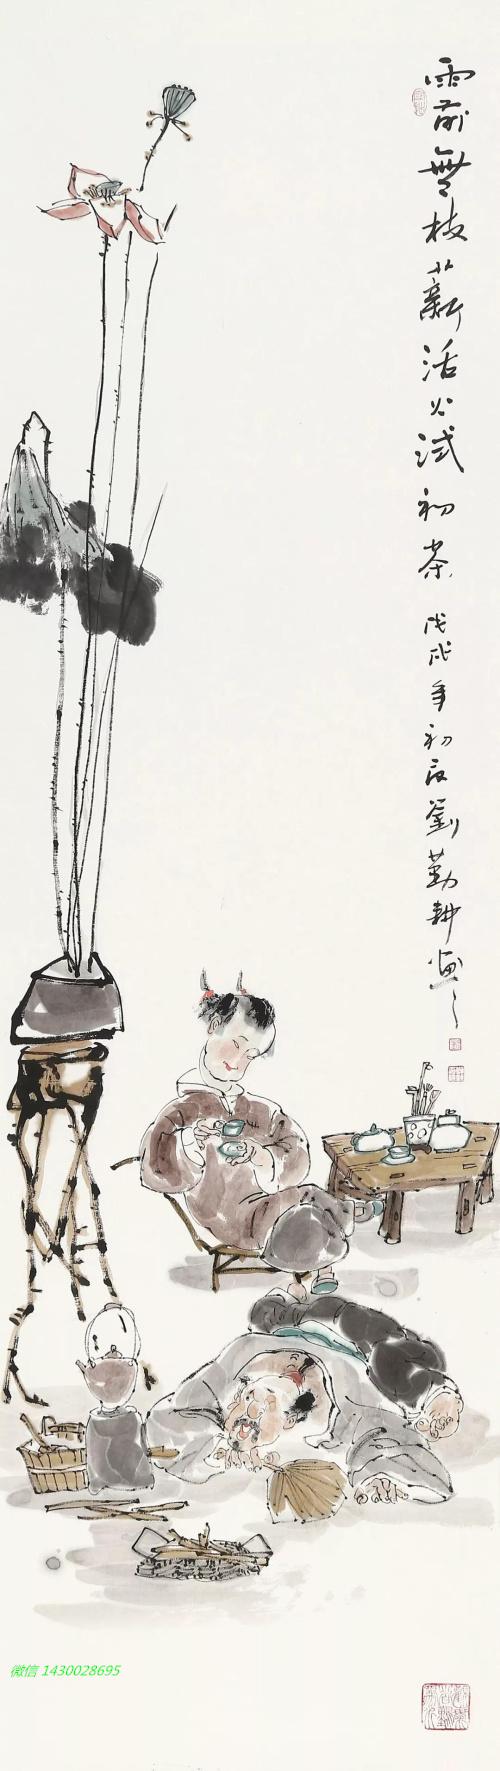 2017年7月《解放区的天》入选庆祝中国人民解放军建军90周年全国美术